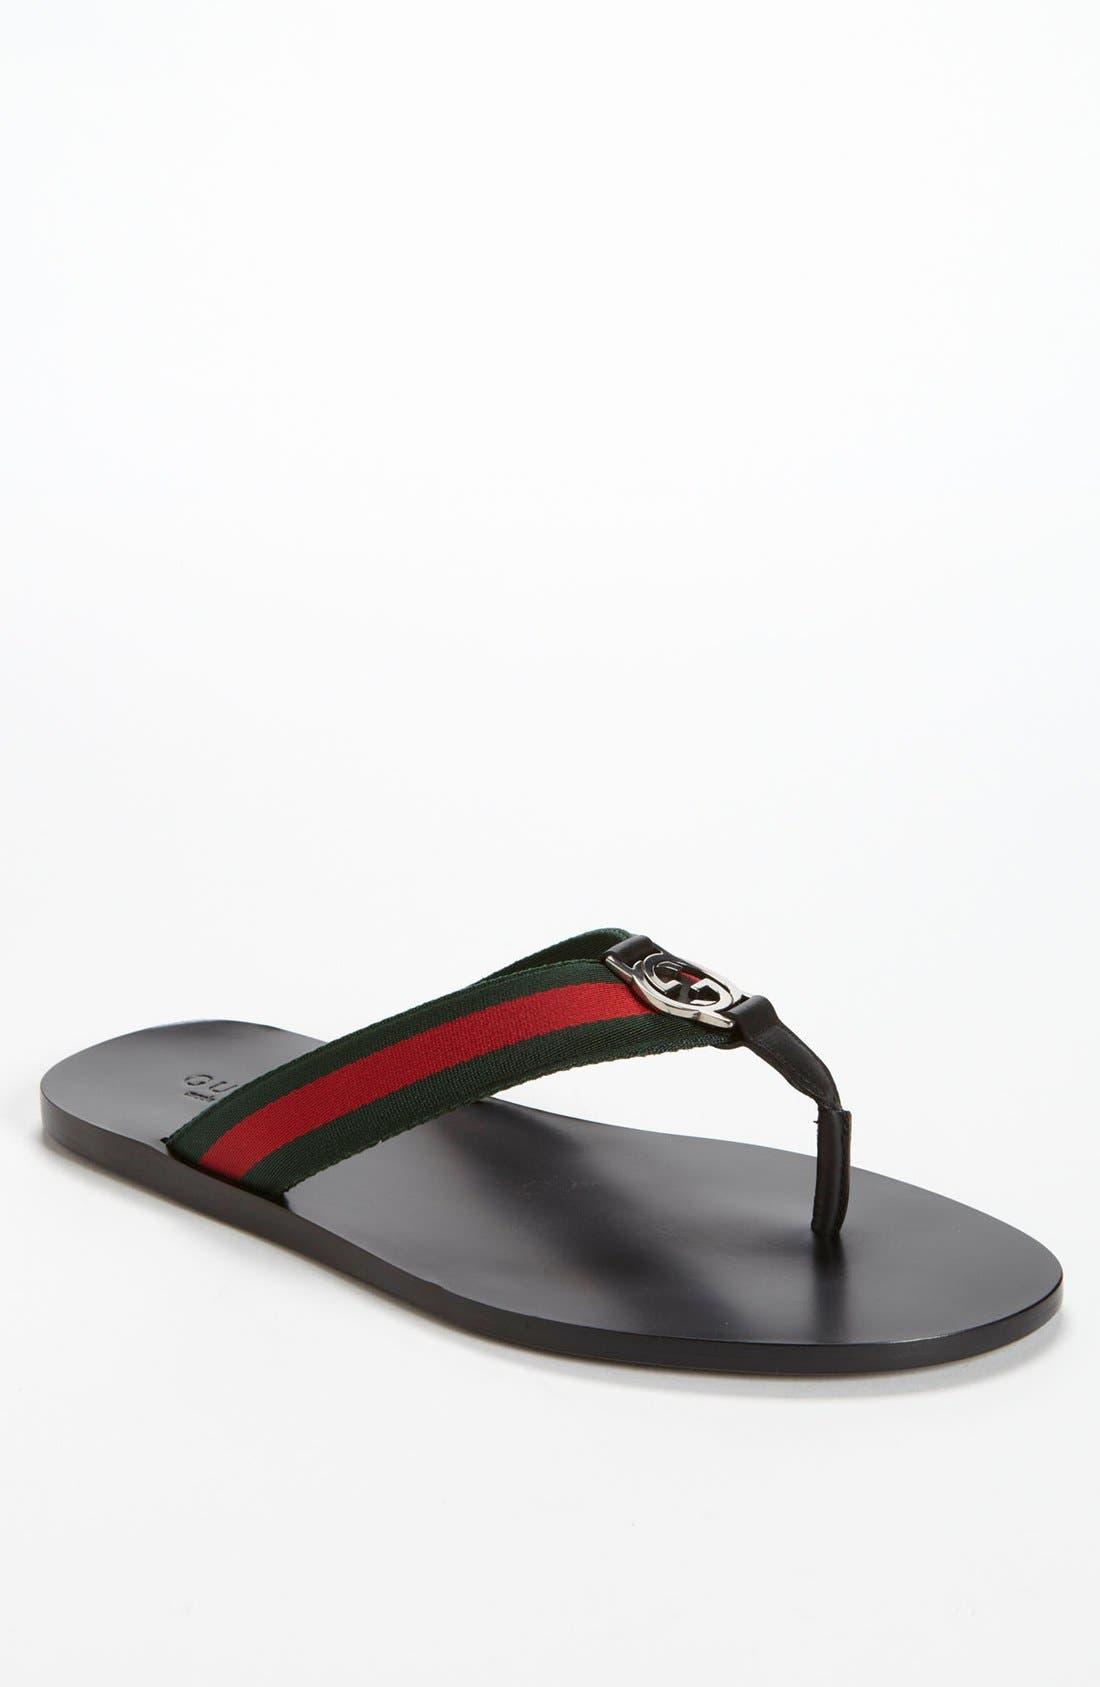 Gucci GG Line Flip Flop (Men)